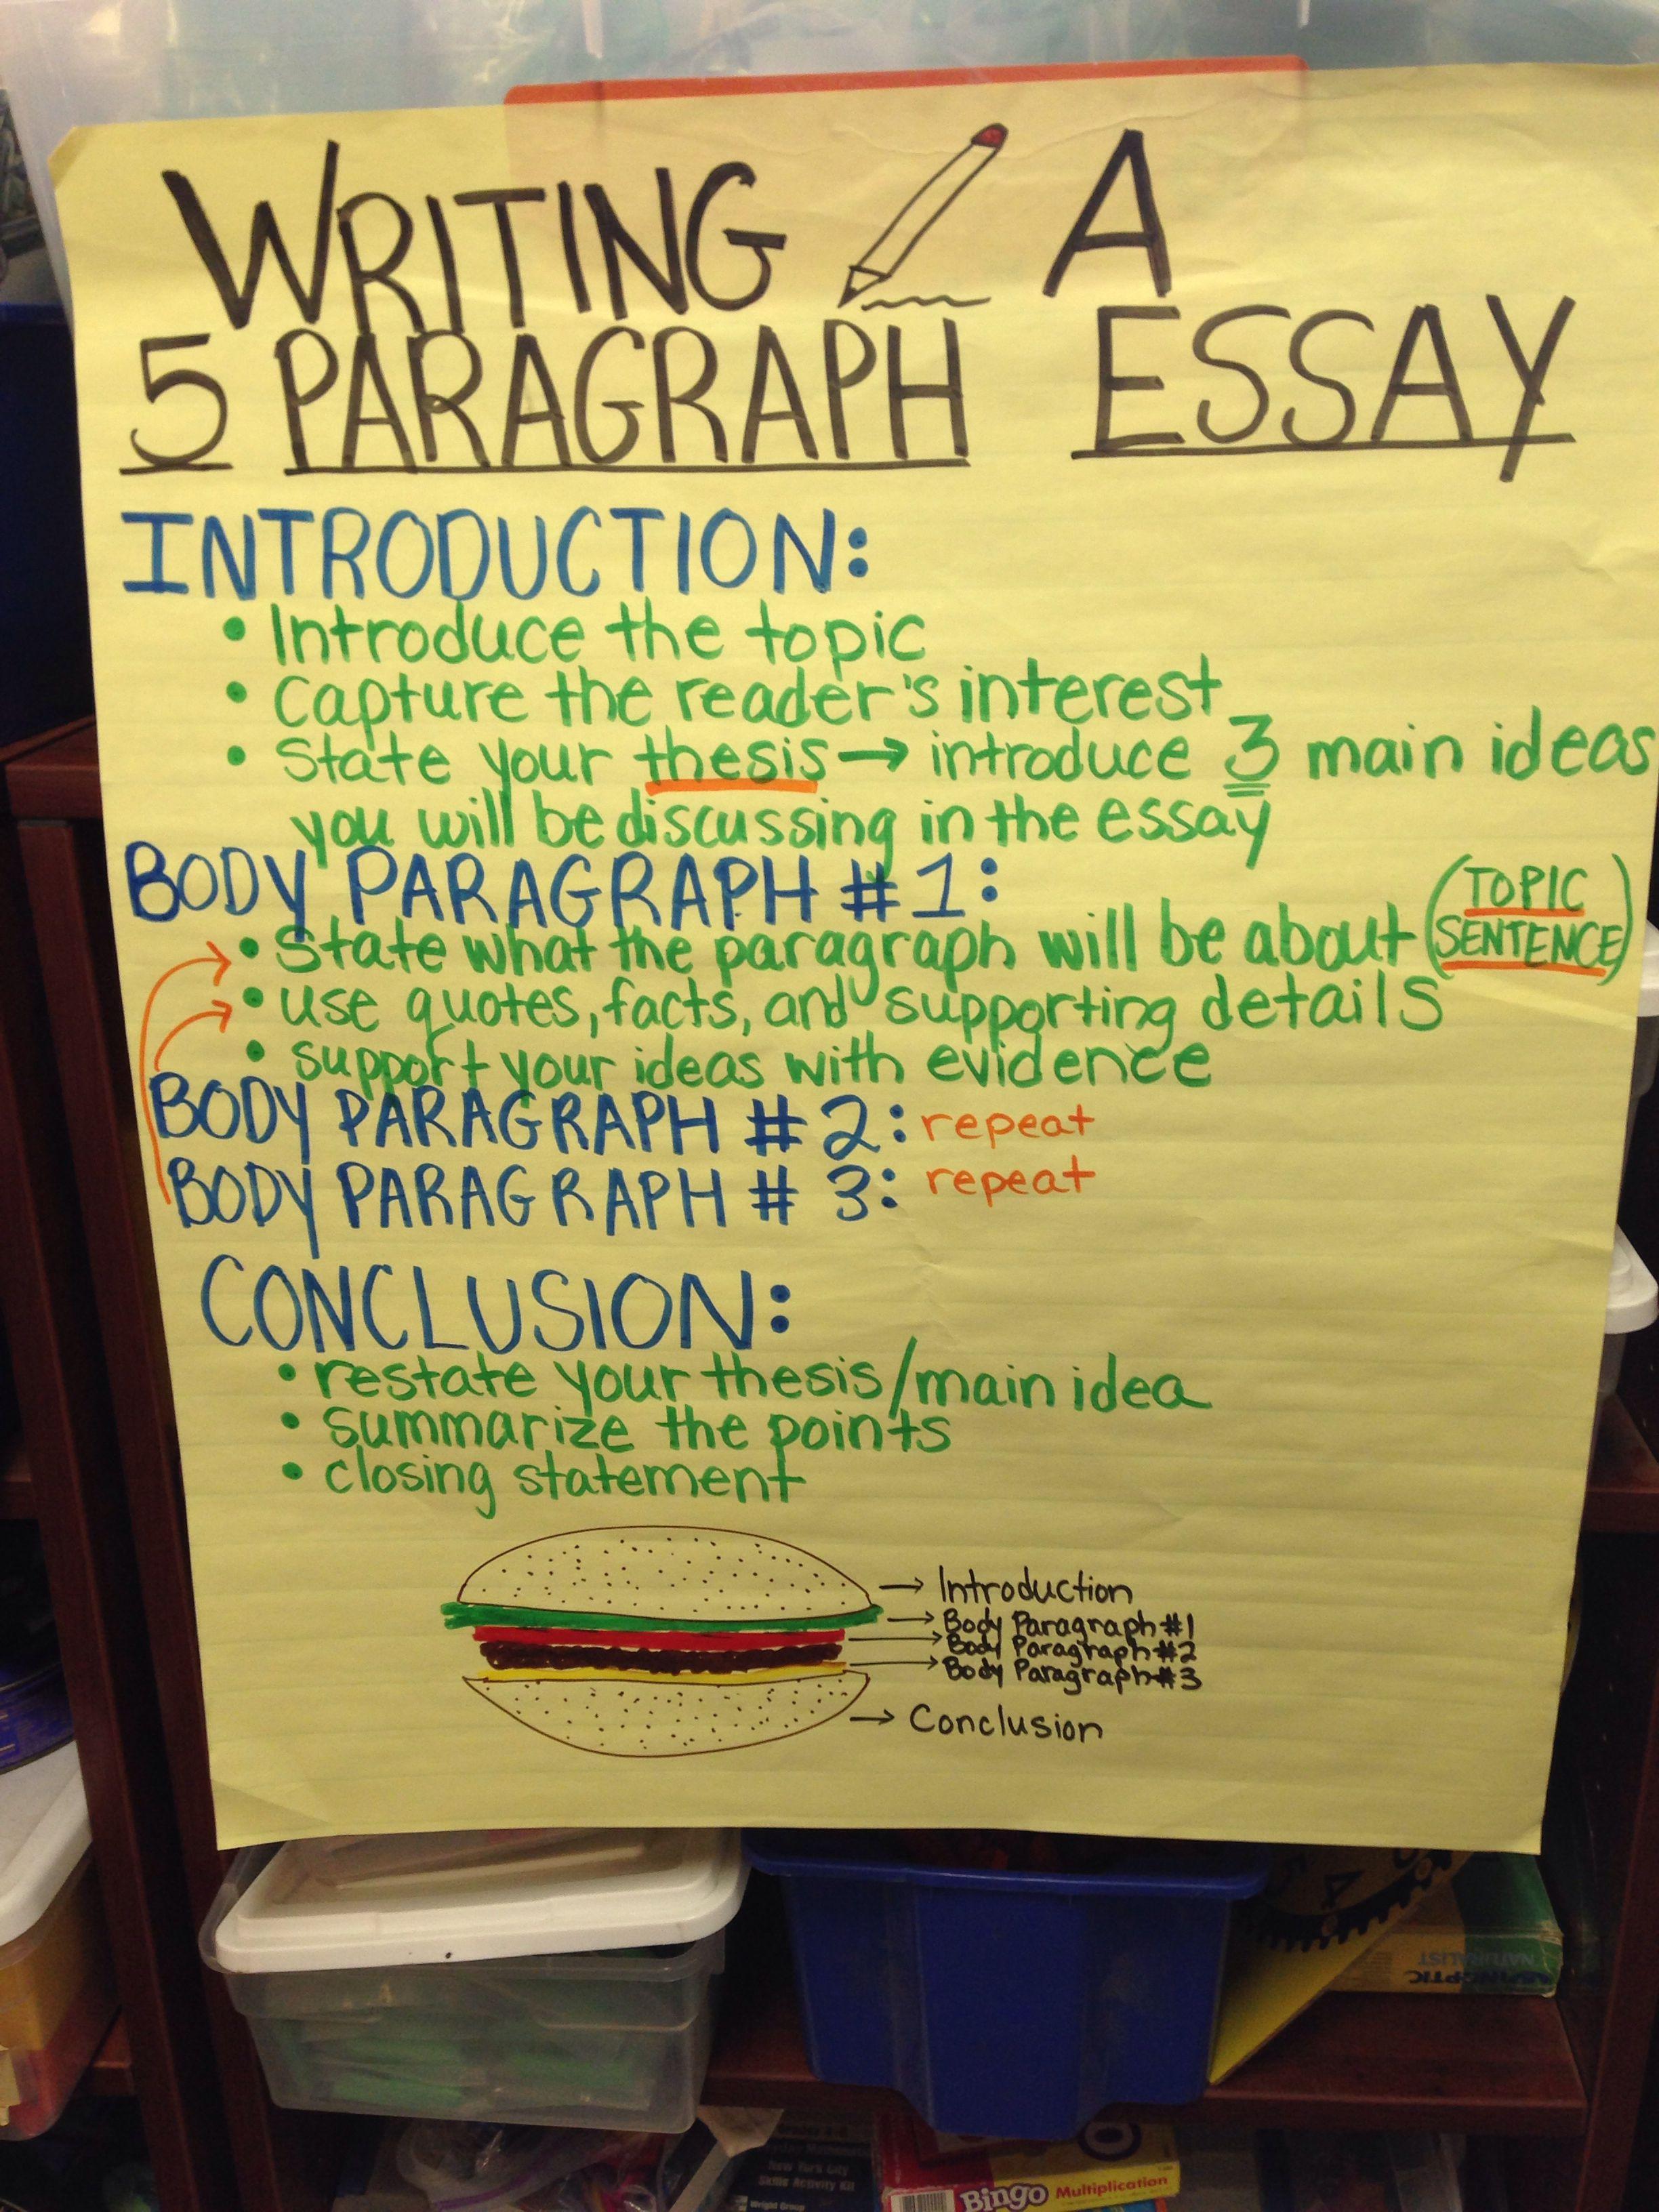 My teacher expects a 5 paragraph essay?